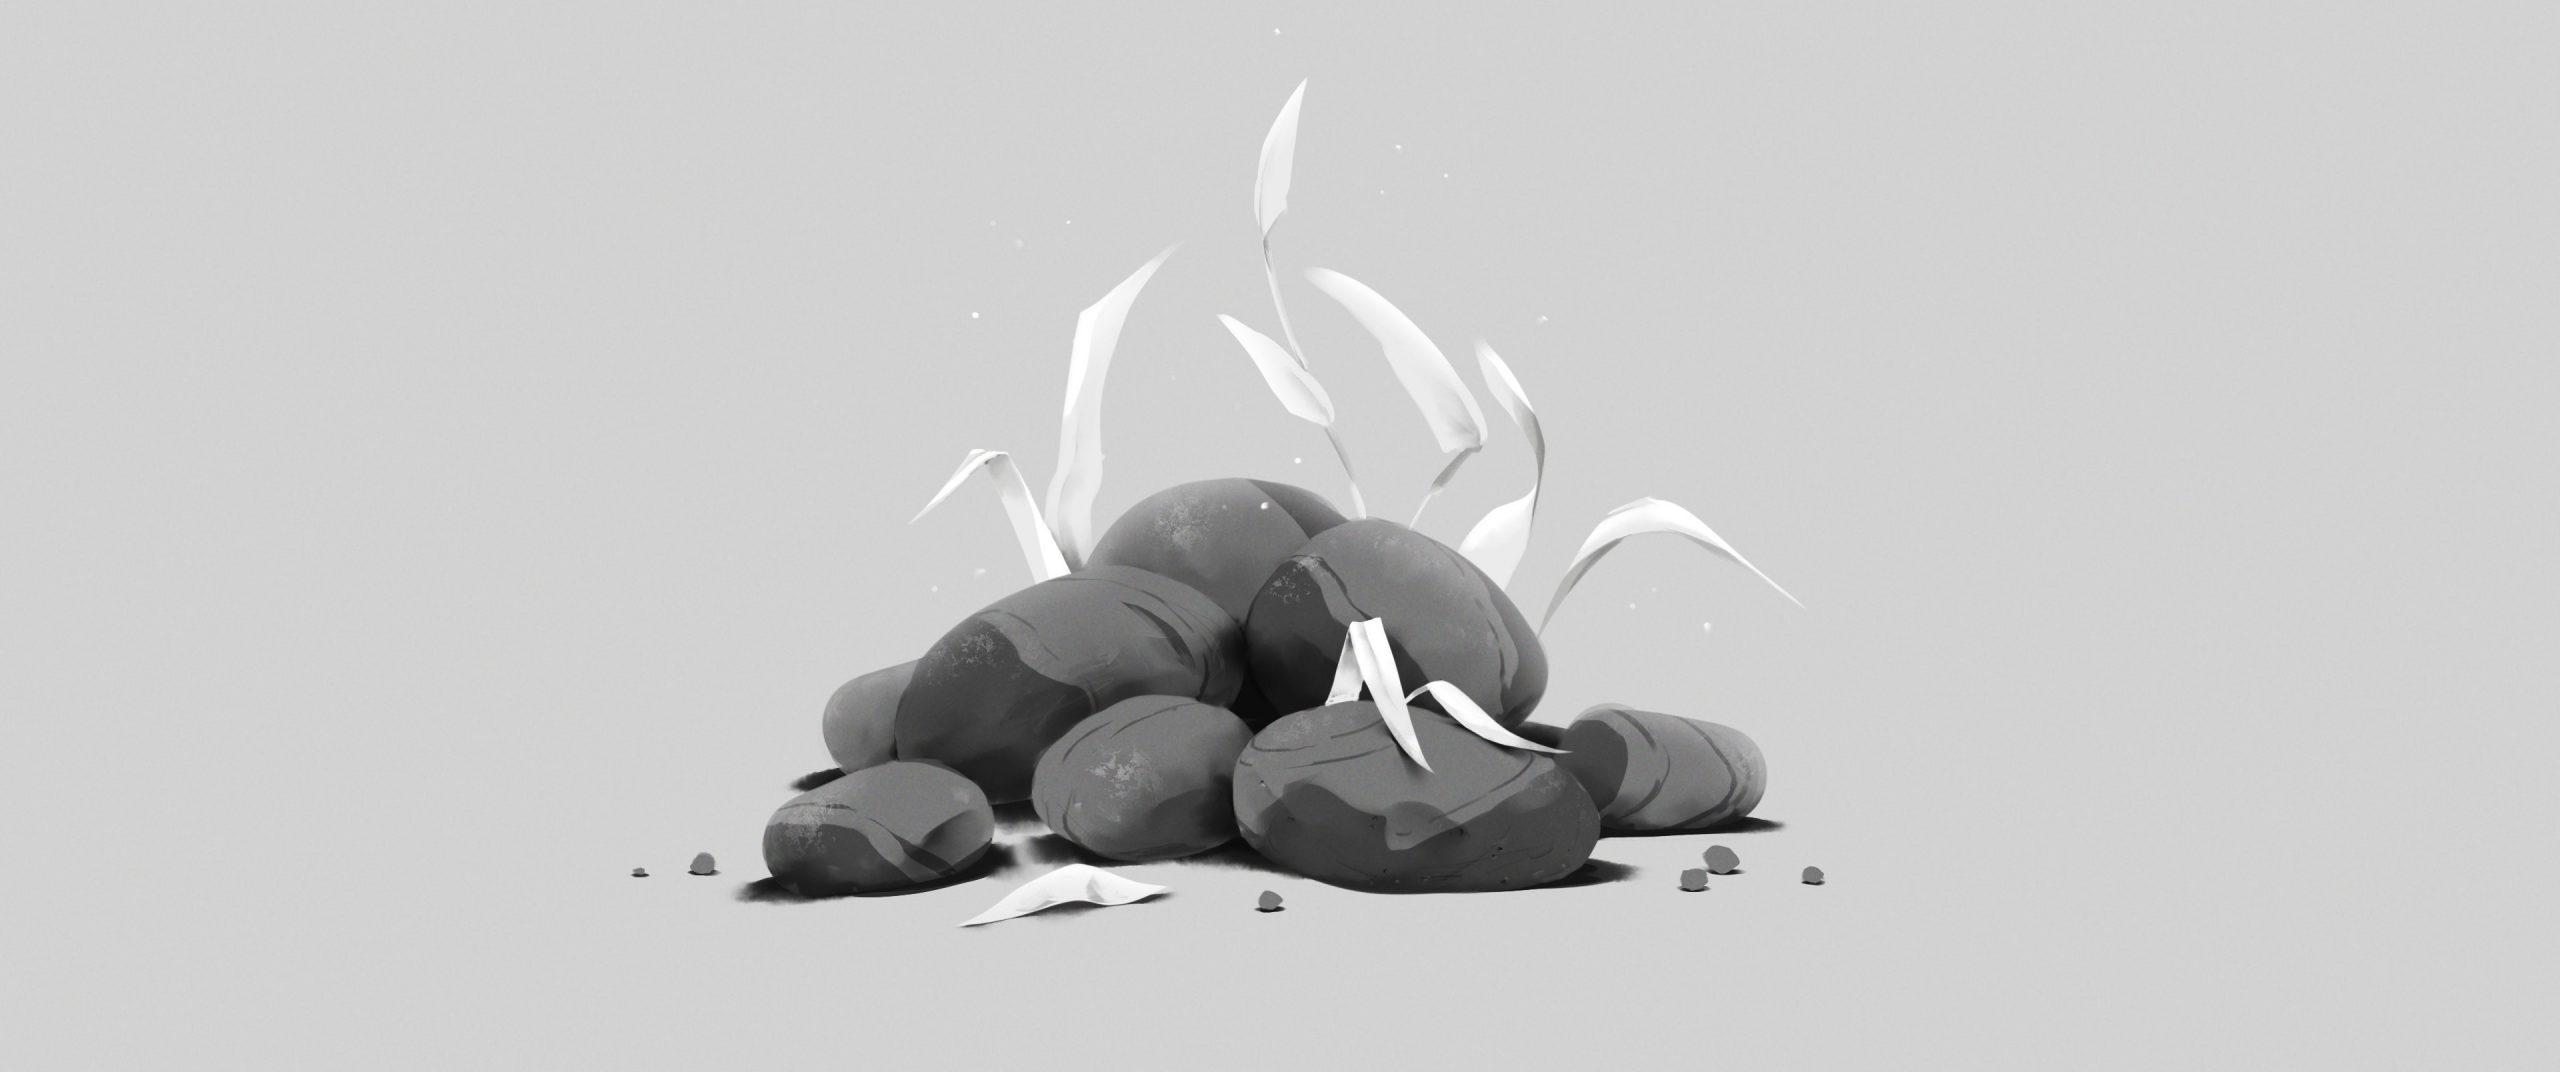 ROCKS_4K_Crop